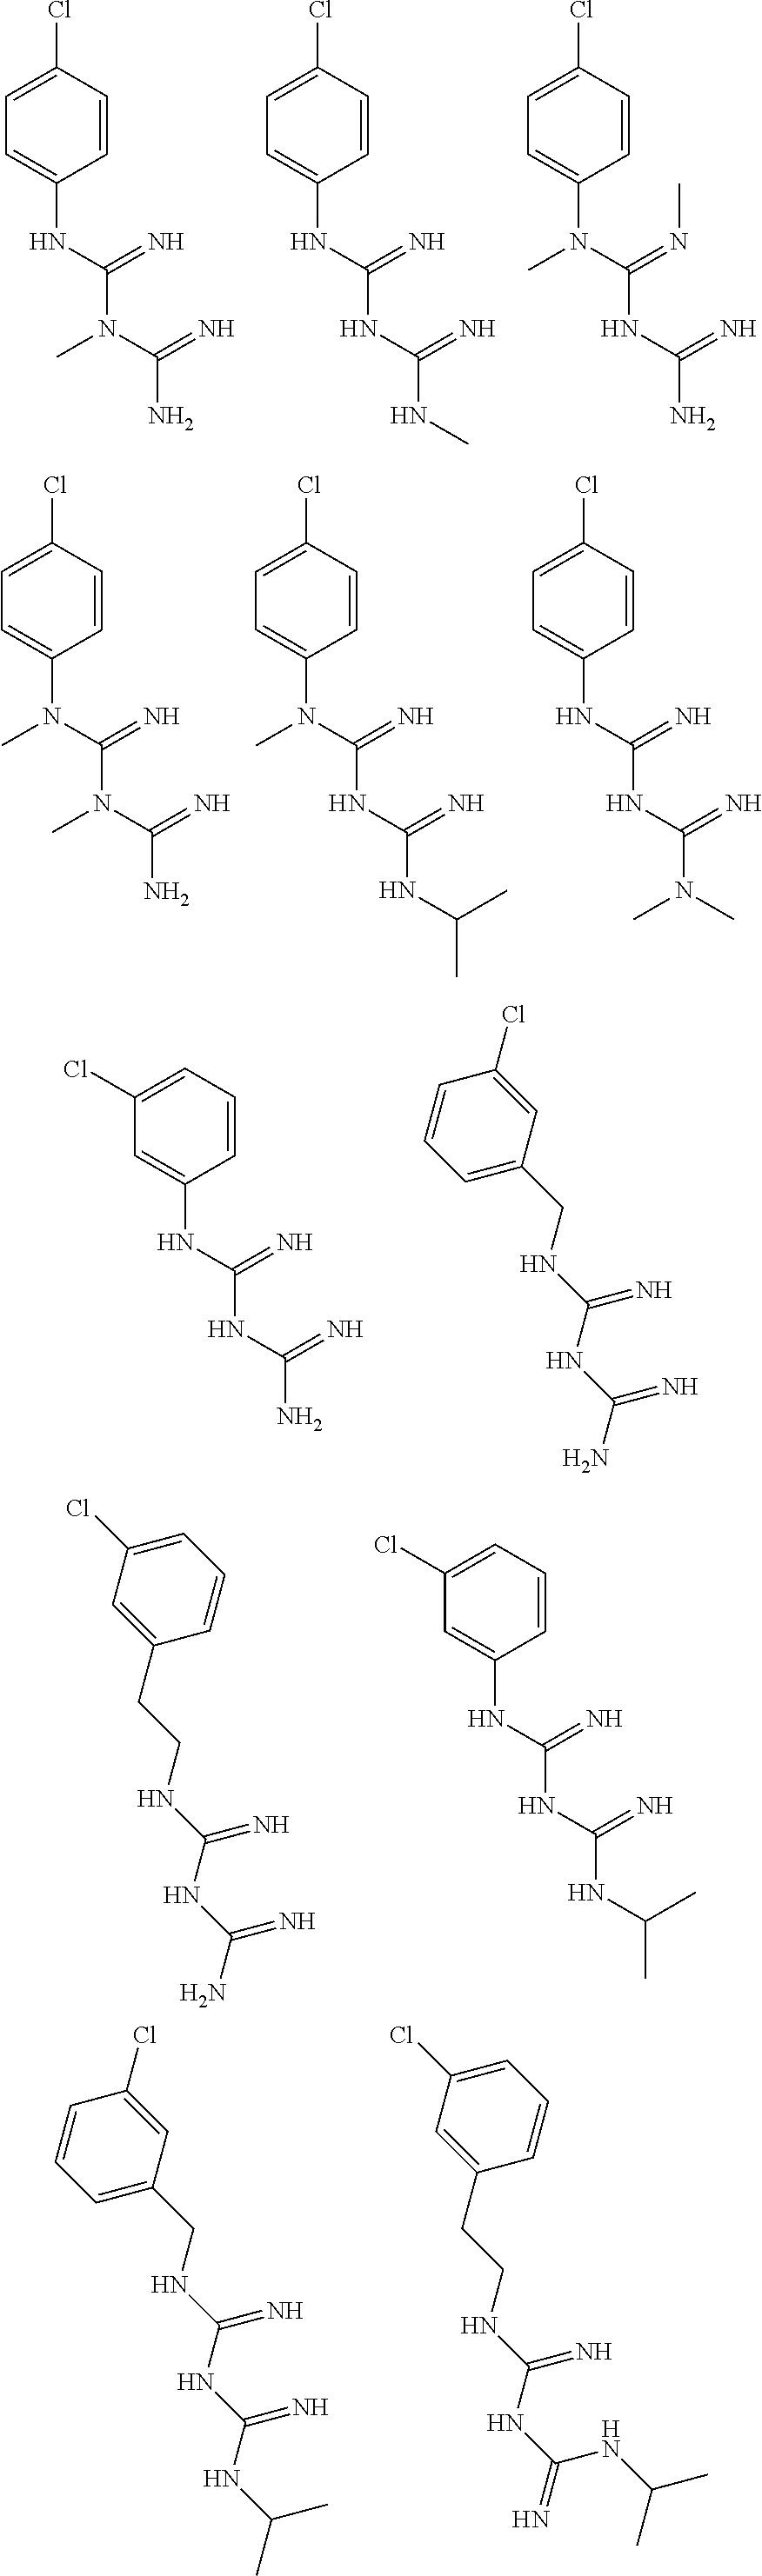 Figure US09480663-20161101-C00048